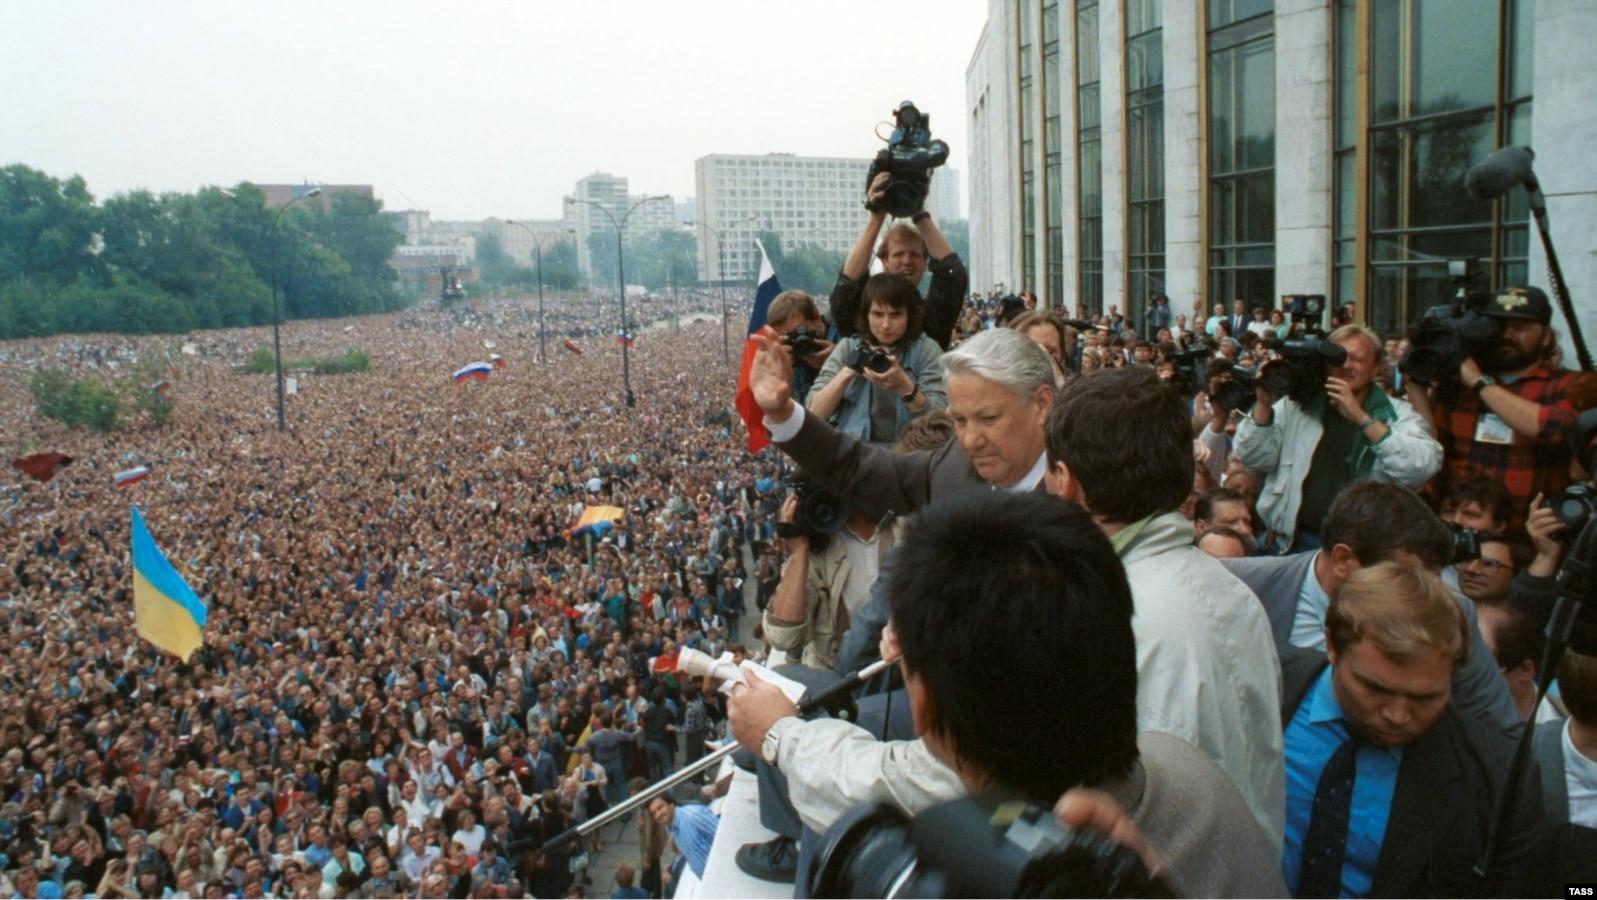 """Виступ президента Росії Бориса Єльцина на мітингу в Москві, 20 серпня, 1991 року. На мітингу майорять і українські прапори, на передньому плані – синьо-жовтий прапор, а на задньому – червоно-чорний. Українці брали активну участь в масових акціях у Москві, які, в кінцевому результаті, призвели до розпаду радянської імперії. Зокрема, із 1989 року в Москві діяла організація з назвою """"ОУН-РУХ"""""""